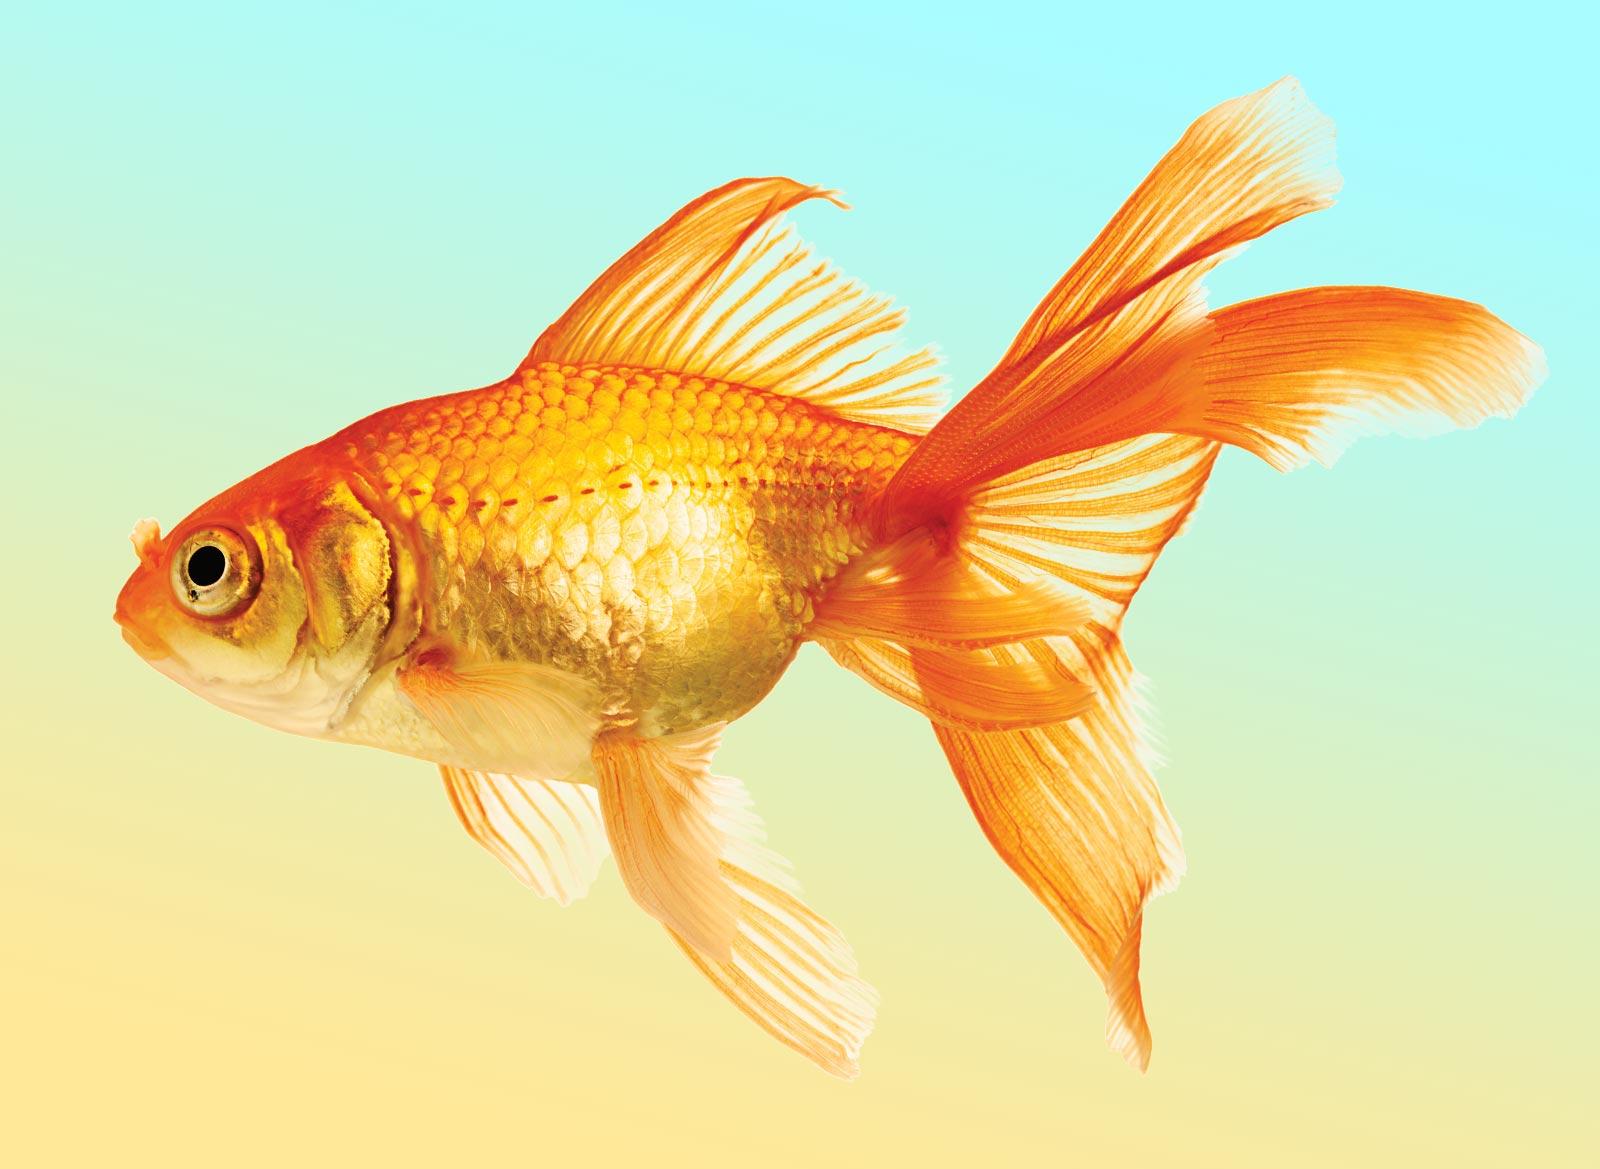 Анимация рыбки на прозрачном фоне, рисованные военные красивая